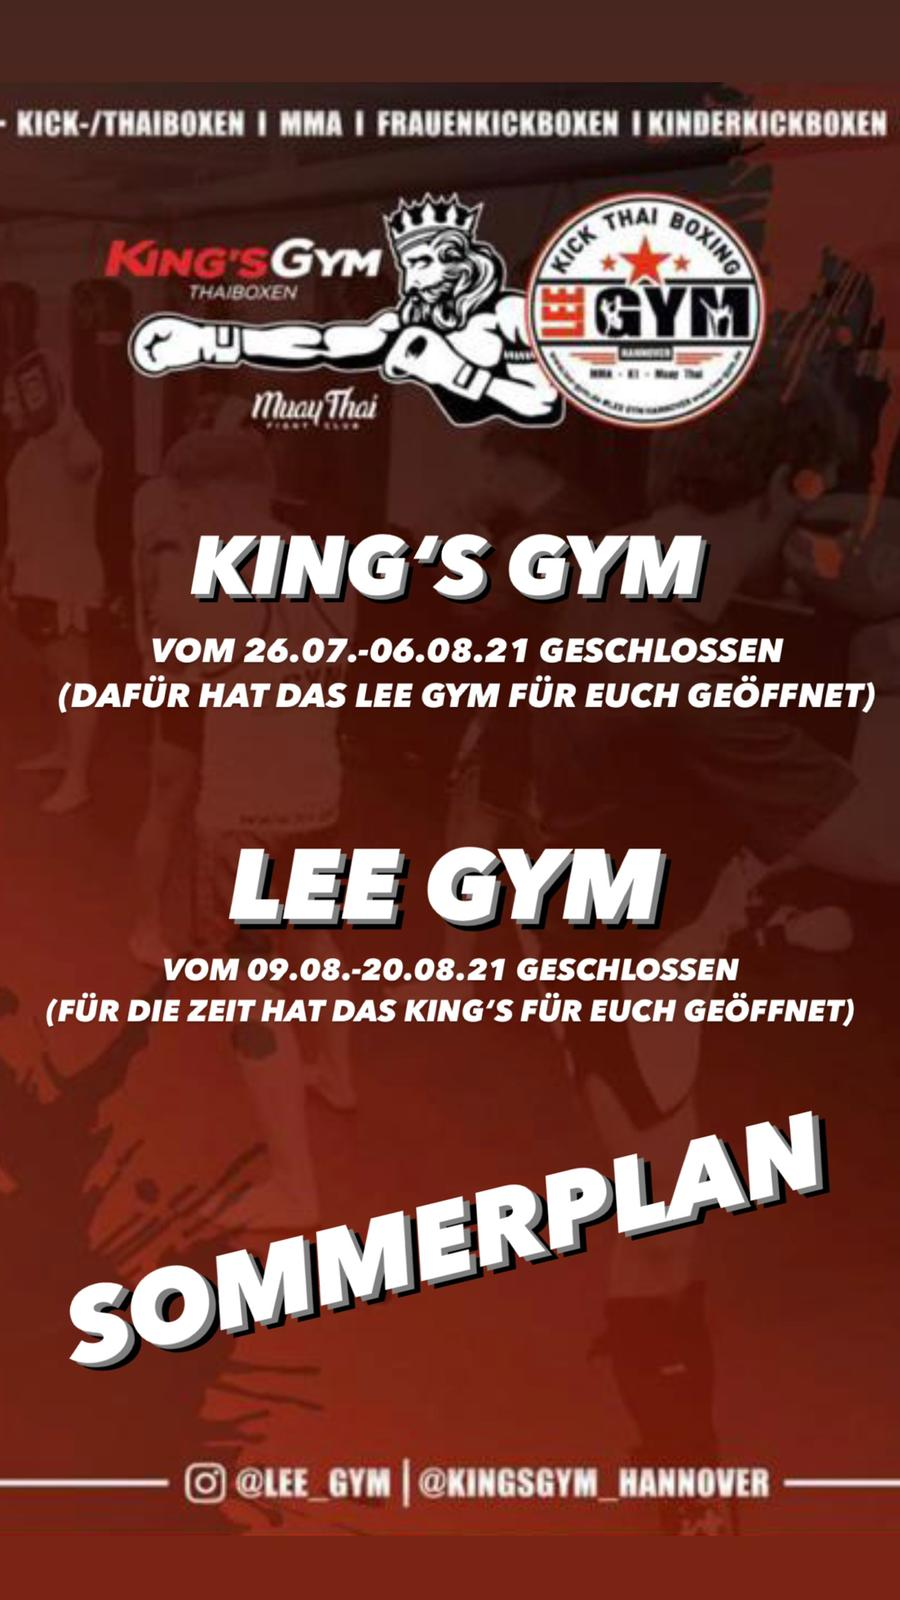 sommerpause lee gym kings gym 2021 1 - Lee-Gym